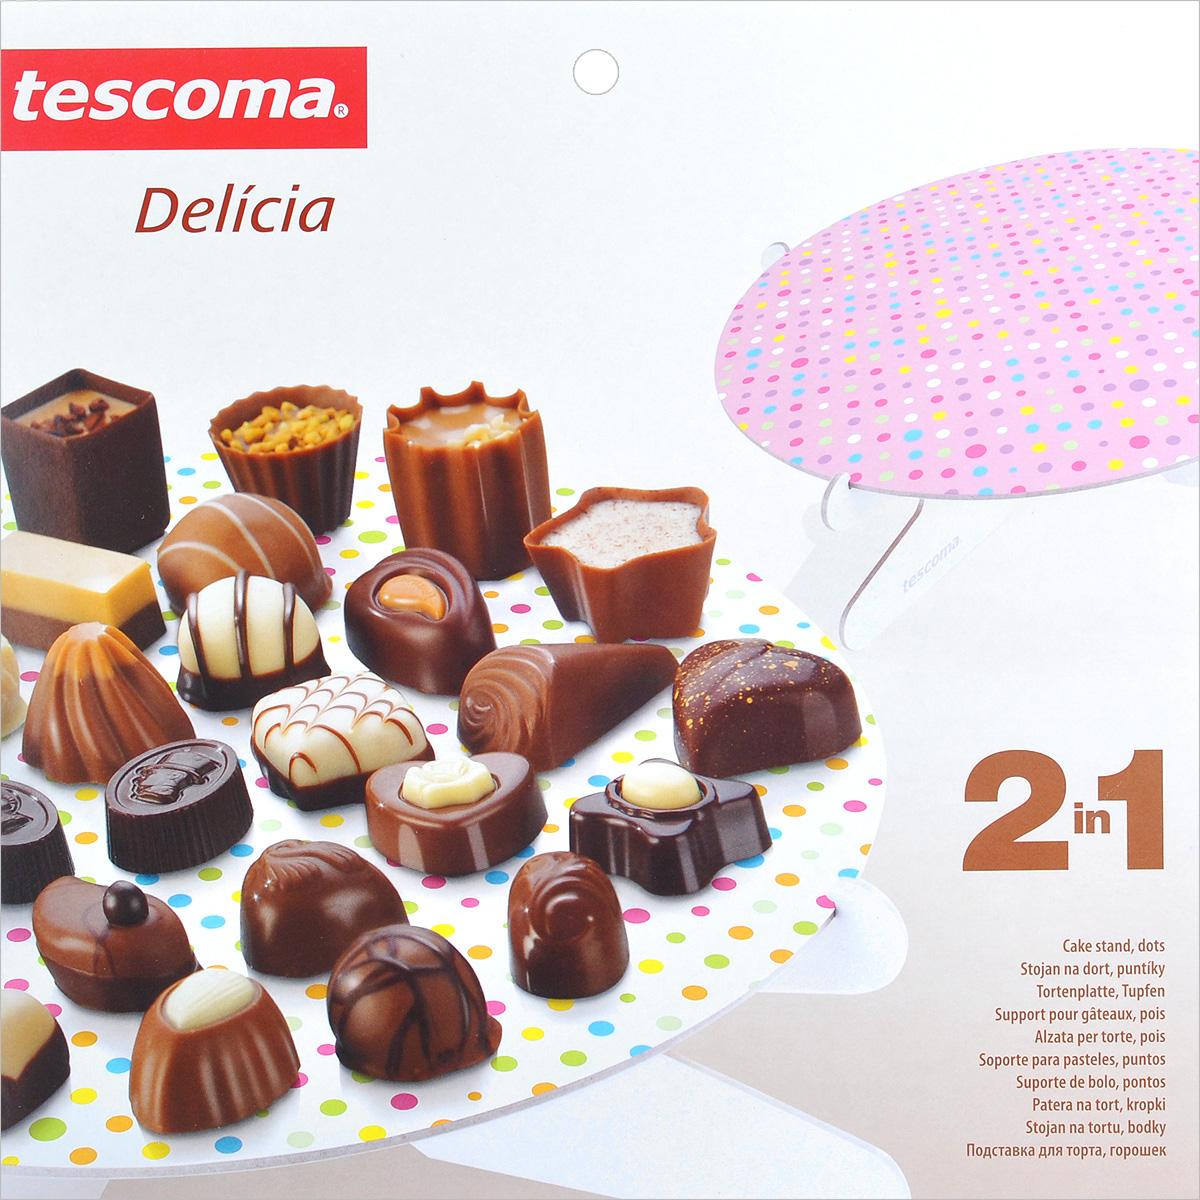 Подставка для торта Tescoma Delicia. Горошек, цвет: розовый, диаметр 28,5 см630736Подставка для торта Tescoma Delicia. Горошек идеально подходит для стильной сервировки тортов и десертов. Изготовлена из очень толстого картона, обработанного пластичной смазкой, что сохранит его от влажности. Двухсторонняя печать с красивым принтом в разноцветный горошек придает изделию изысканный внешний вид. Подставка оснащена специальным стендом-ножками, он очень прочный и устойчивый, легко собирается. Подставку можно использовать повторно. Промойте под проточной водой и протрите сухой тканью. Диаметр подставки: 28,5 см.